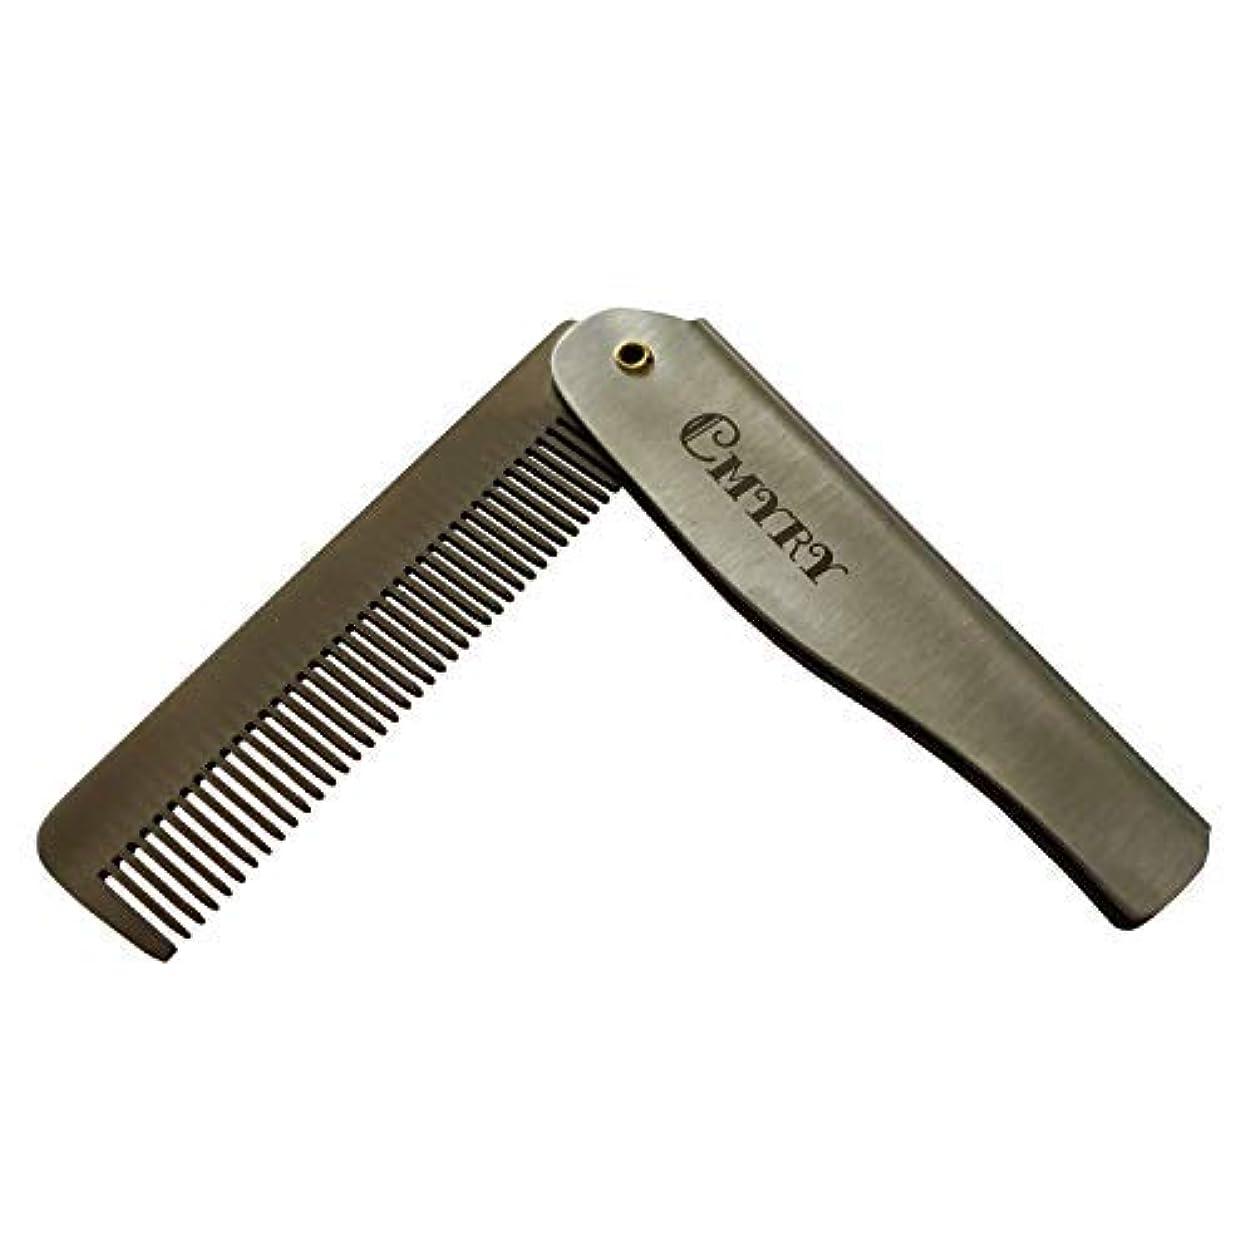 しょっぱいコンクリートブラザーFolding Beard Hair Pocket Mustaches Pouch Comb Durable Anti-Static Comb for Men [並行輸入品]